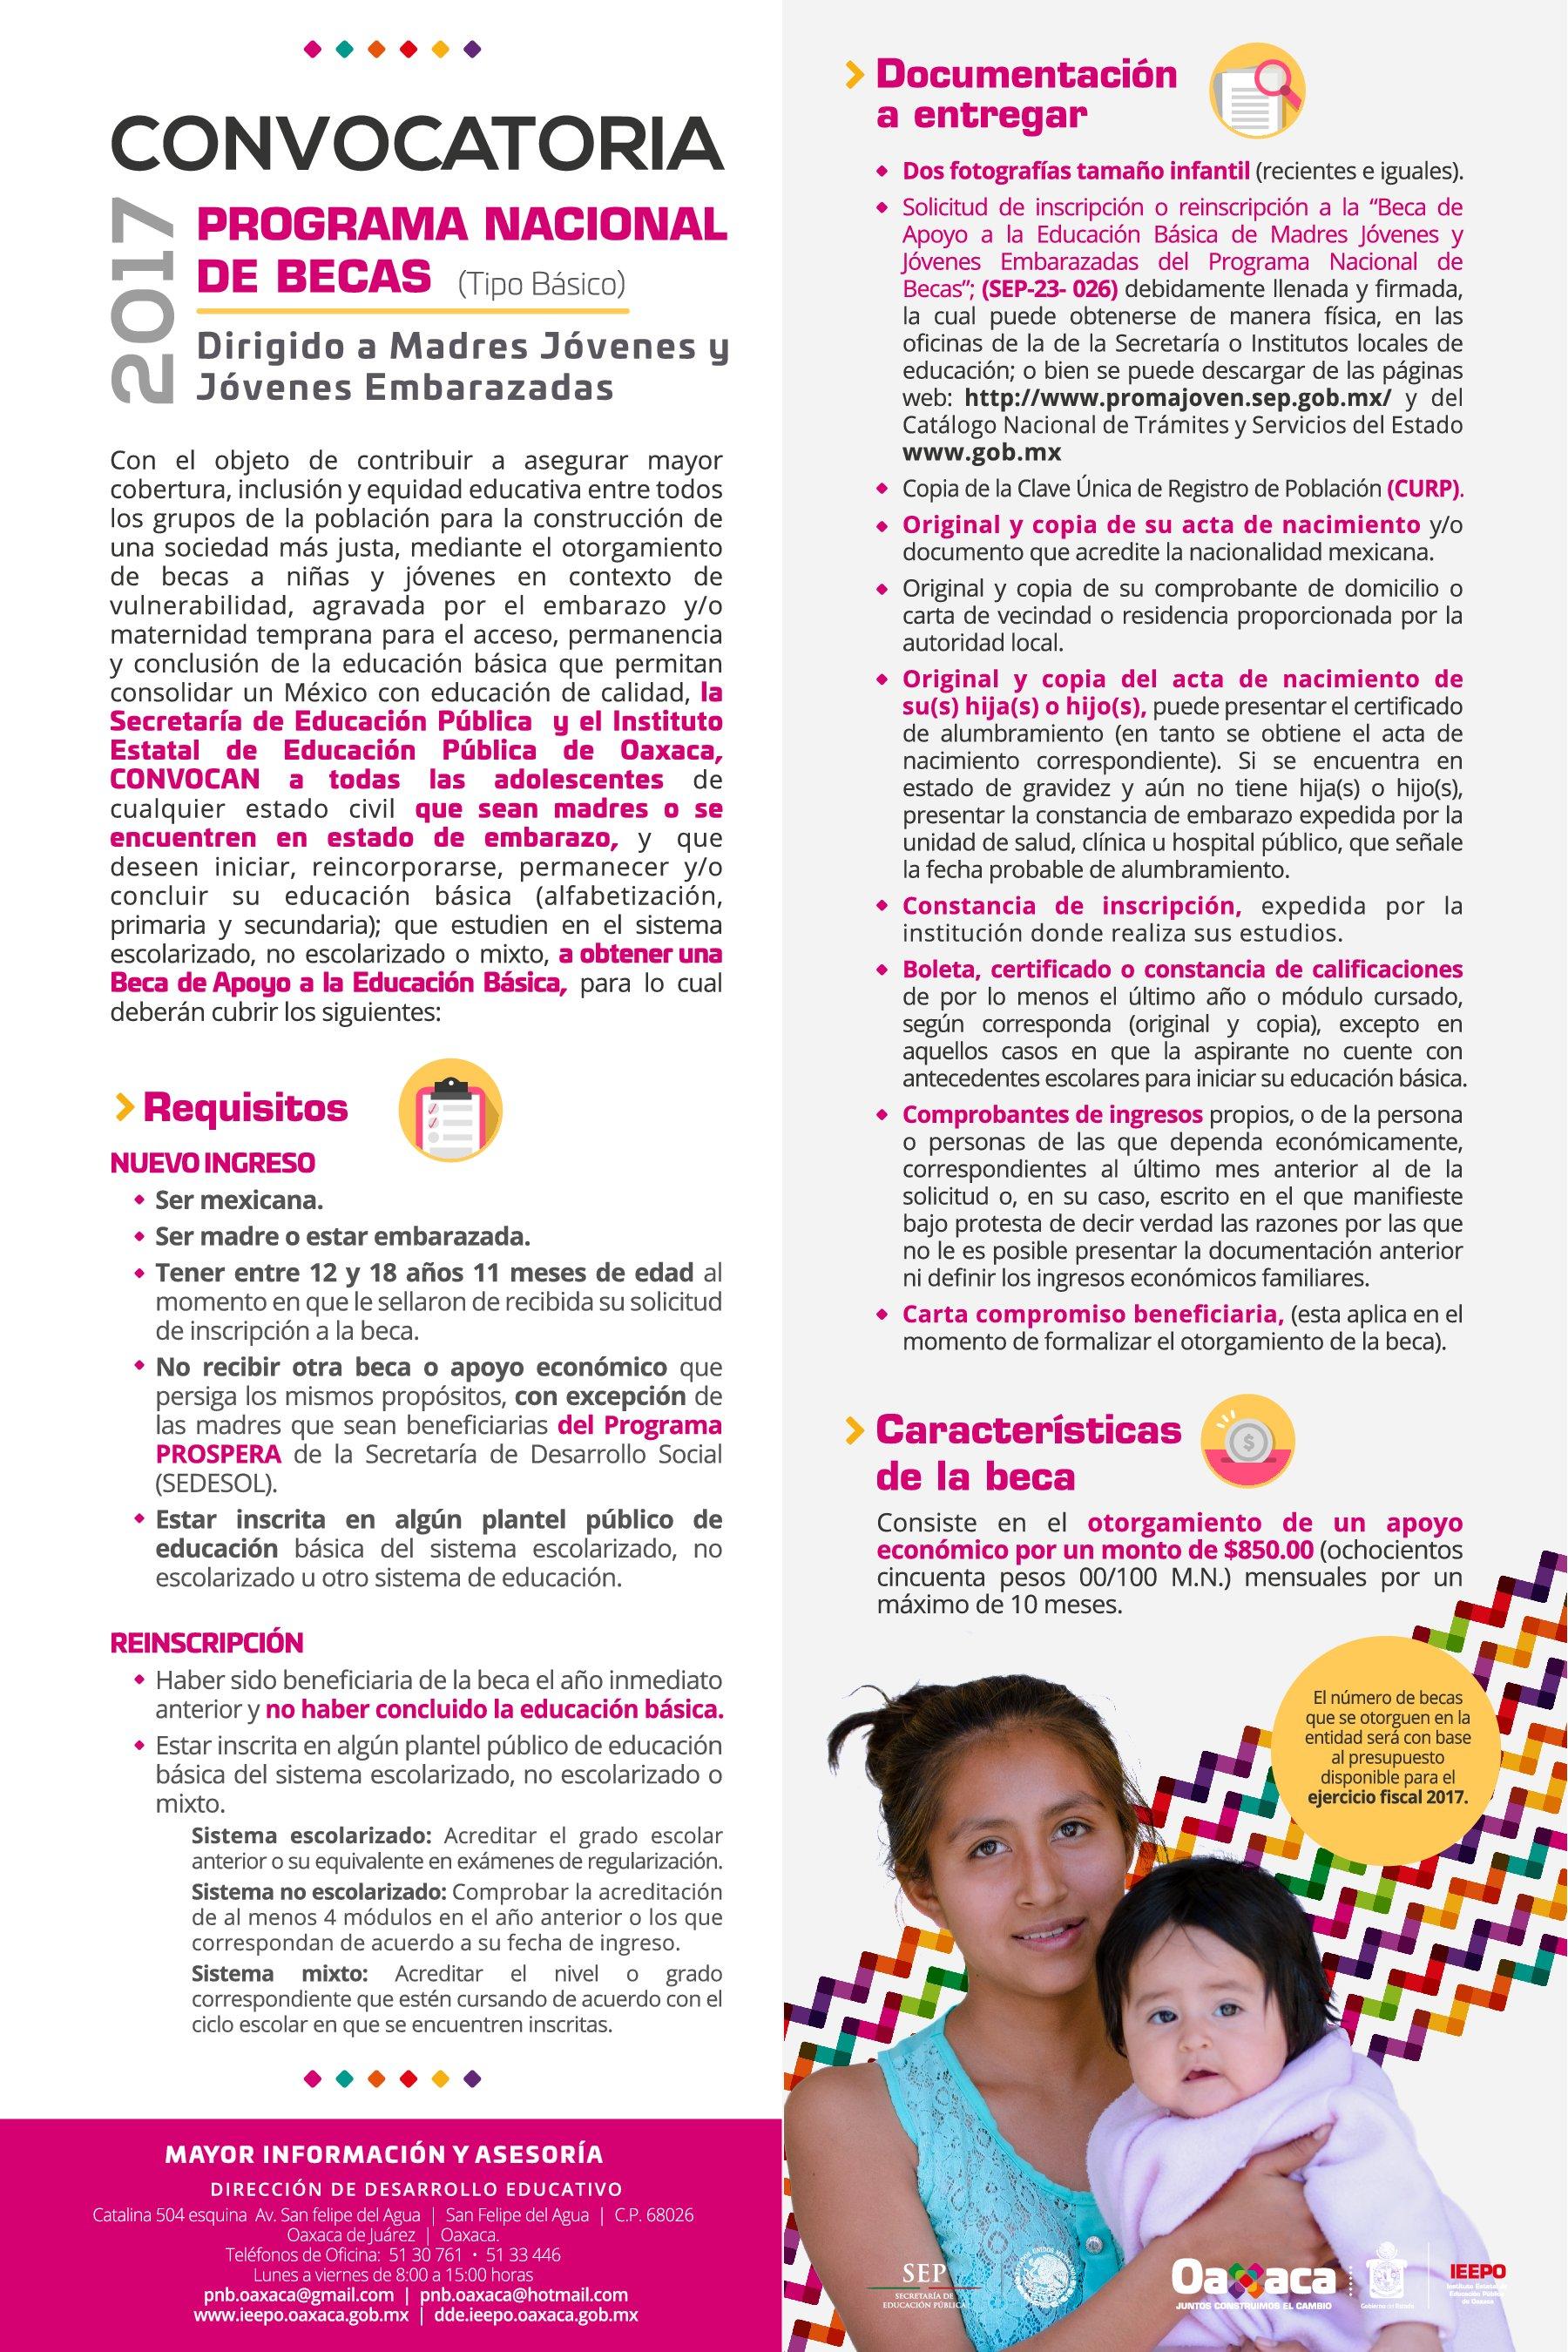 Convocatoria Programa Nacional de Becas (Tipo Básico). Dirigido a madres jóvenes y jóvenes embarazadas.